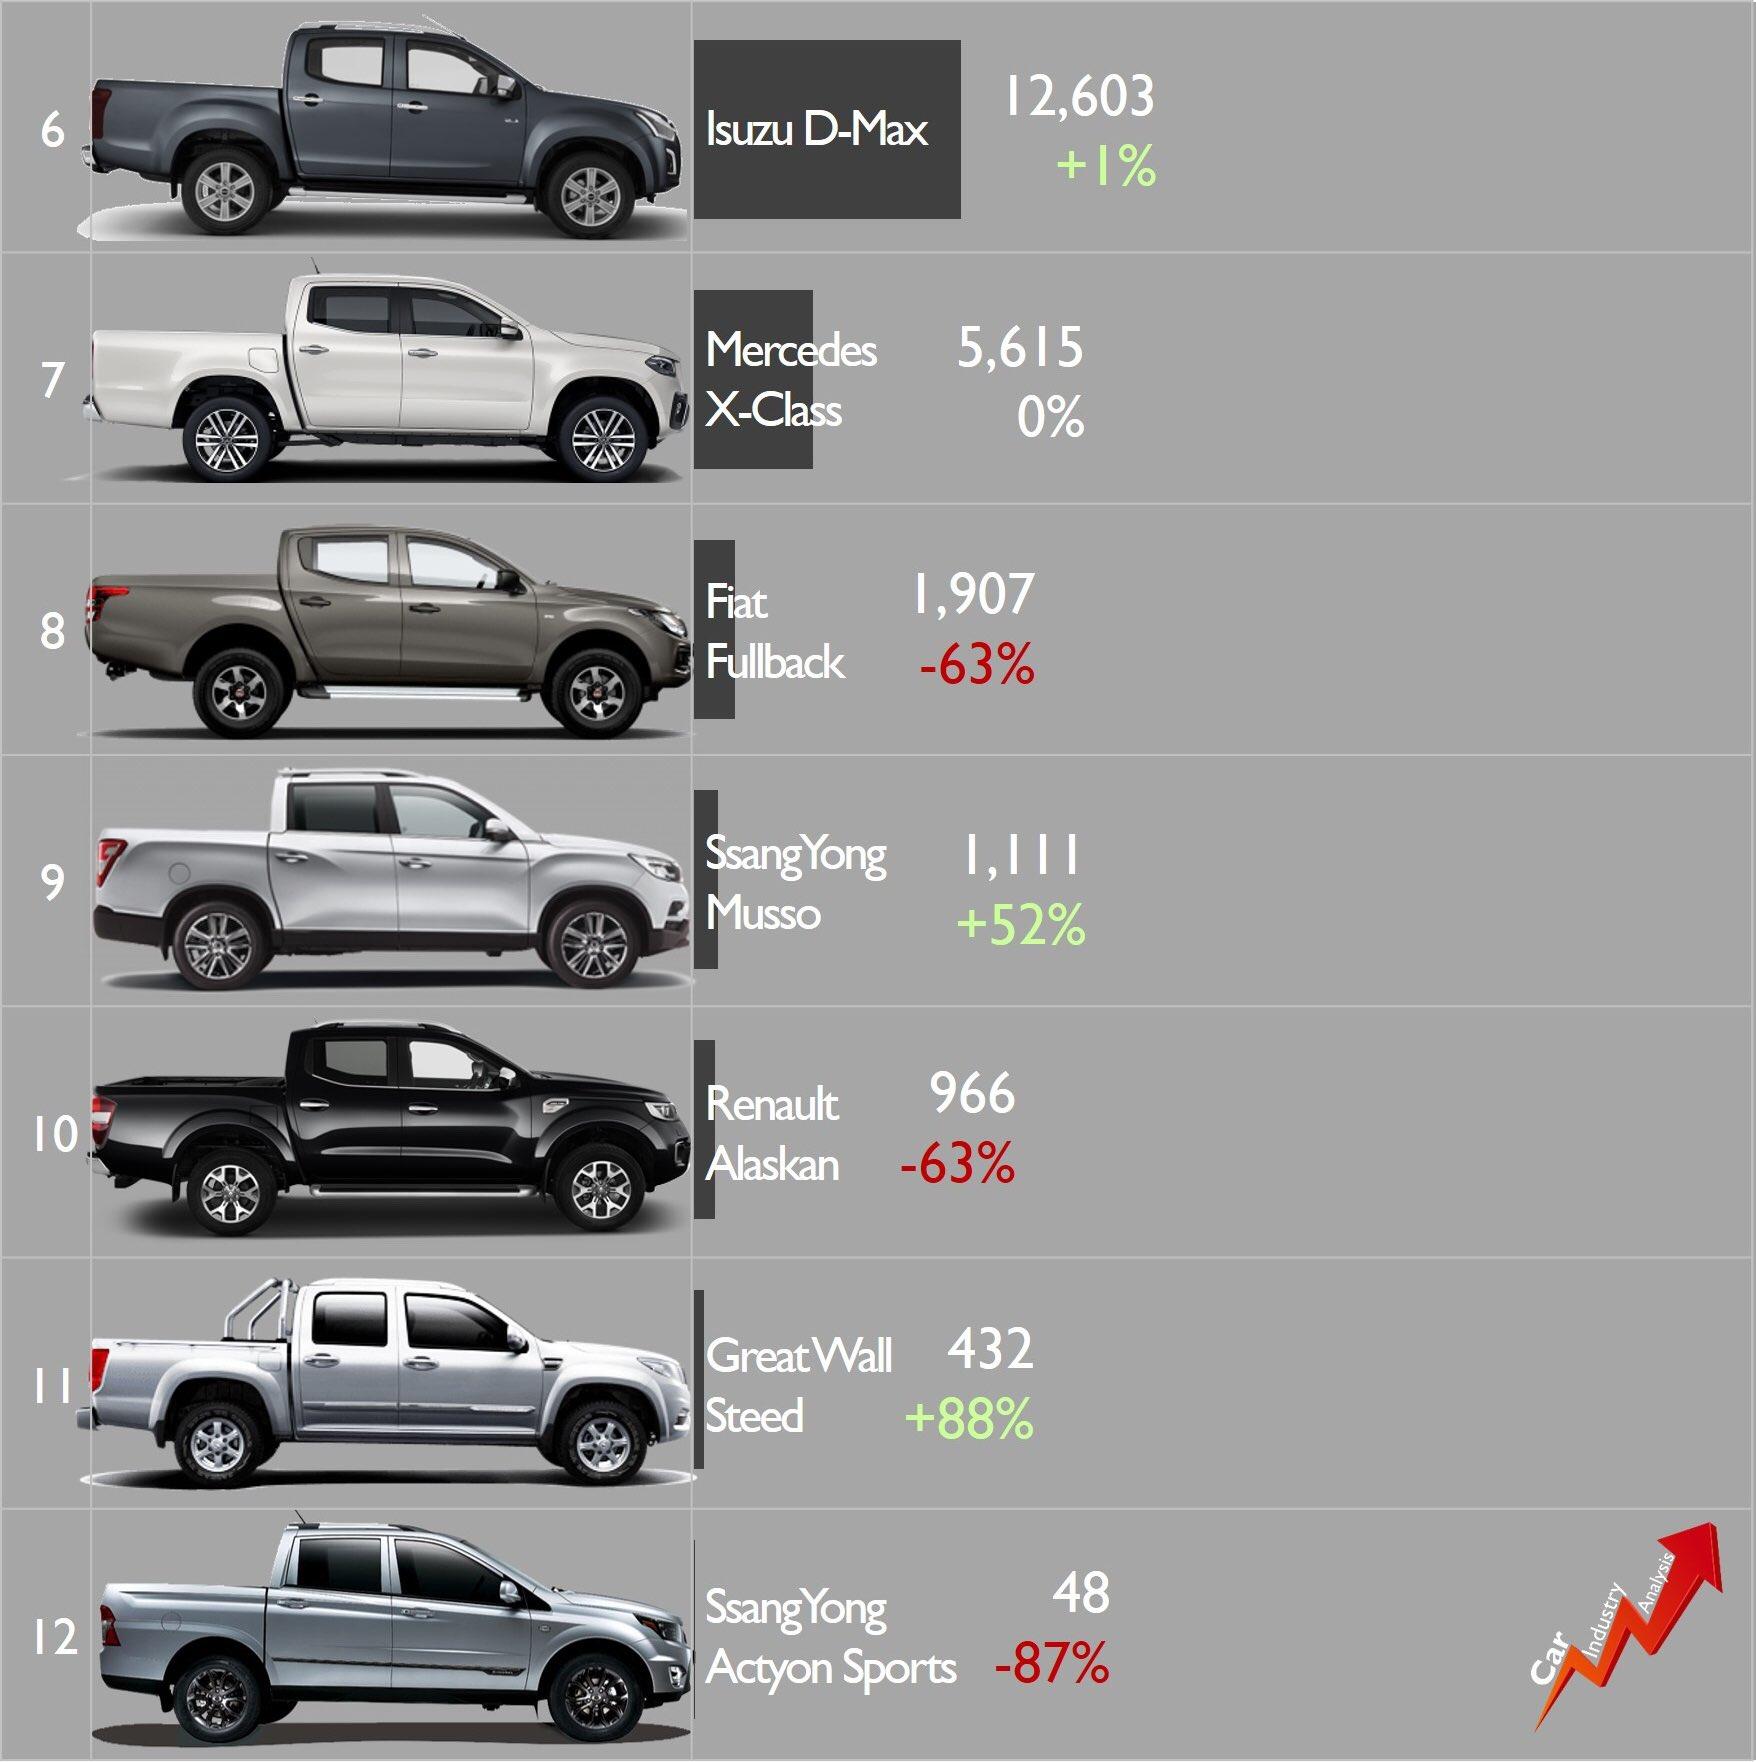 [Statistiques] Par ici les chiffres - Page 29 EQgjPWrXYAEjakn?format=jpg&name=large